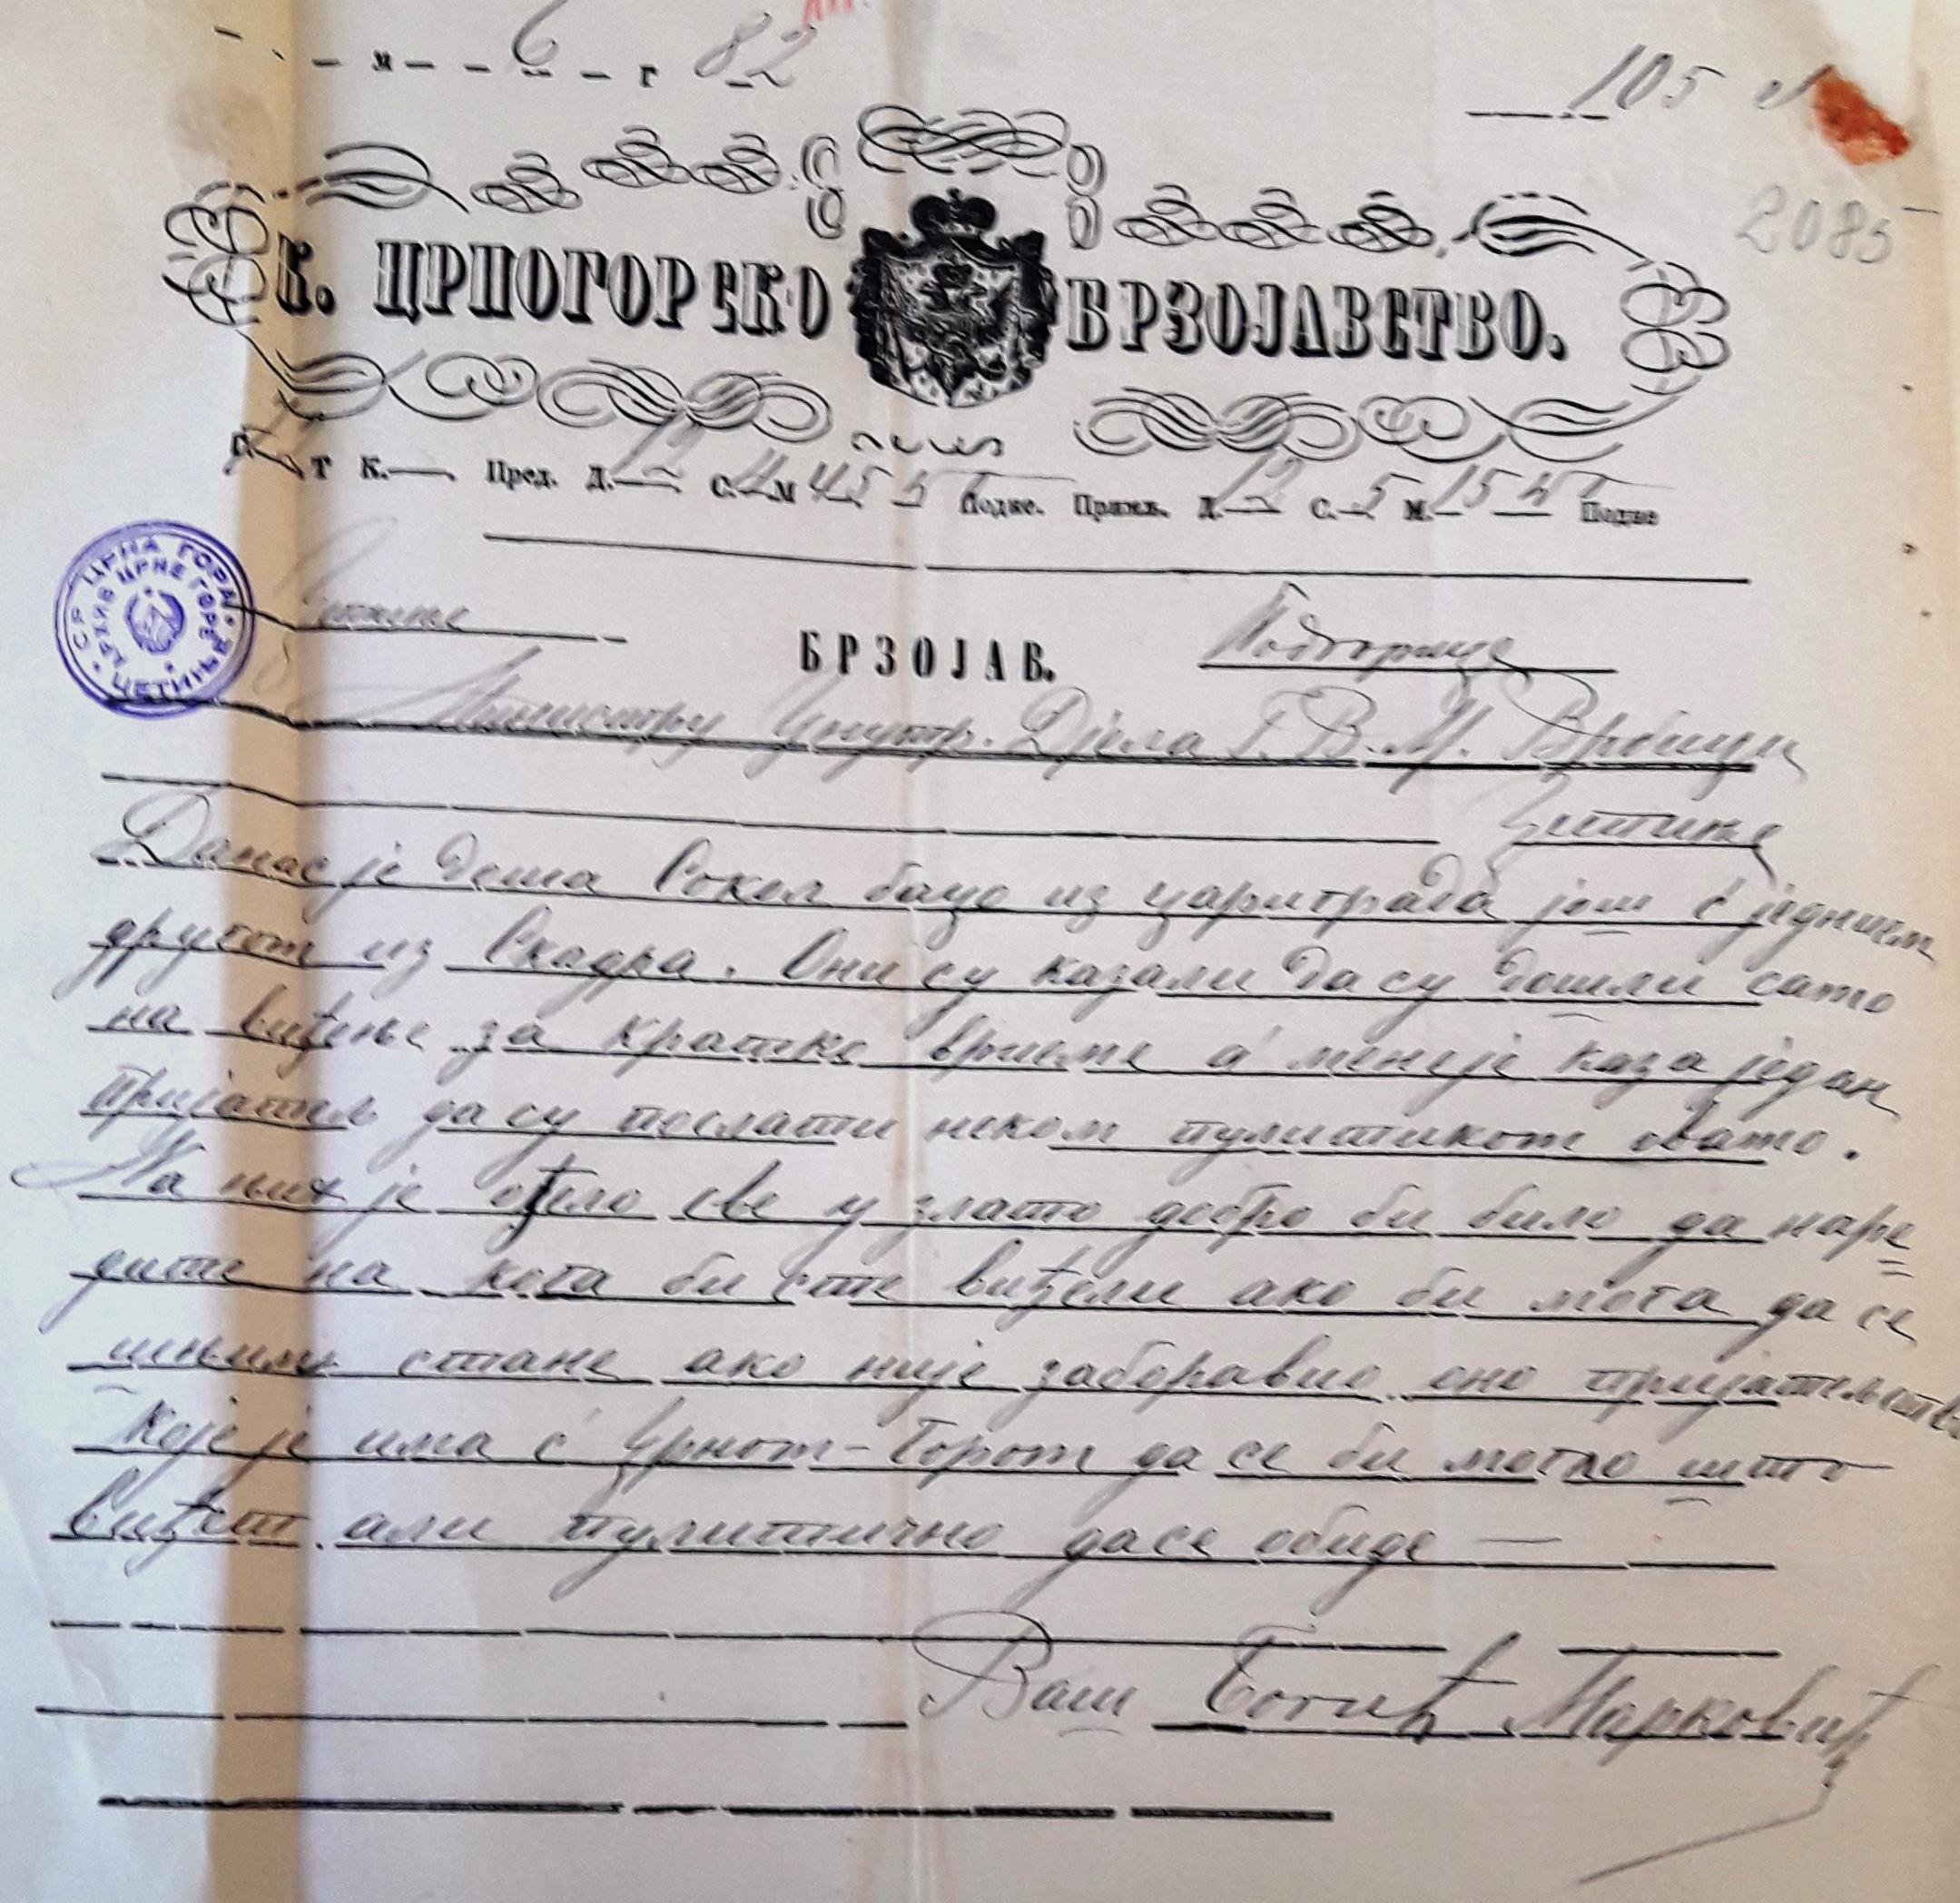 Obavještenje o dolasku Sokol Baca, arbanaškog prvaka i crnogorskog povjerenika iz Carigrada u Podgoricu, MUD, jun 1882.